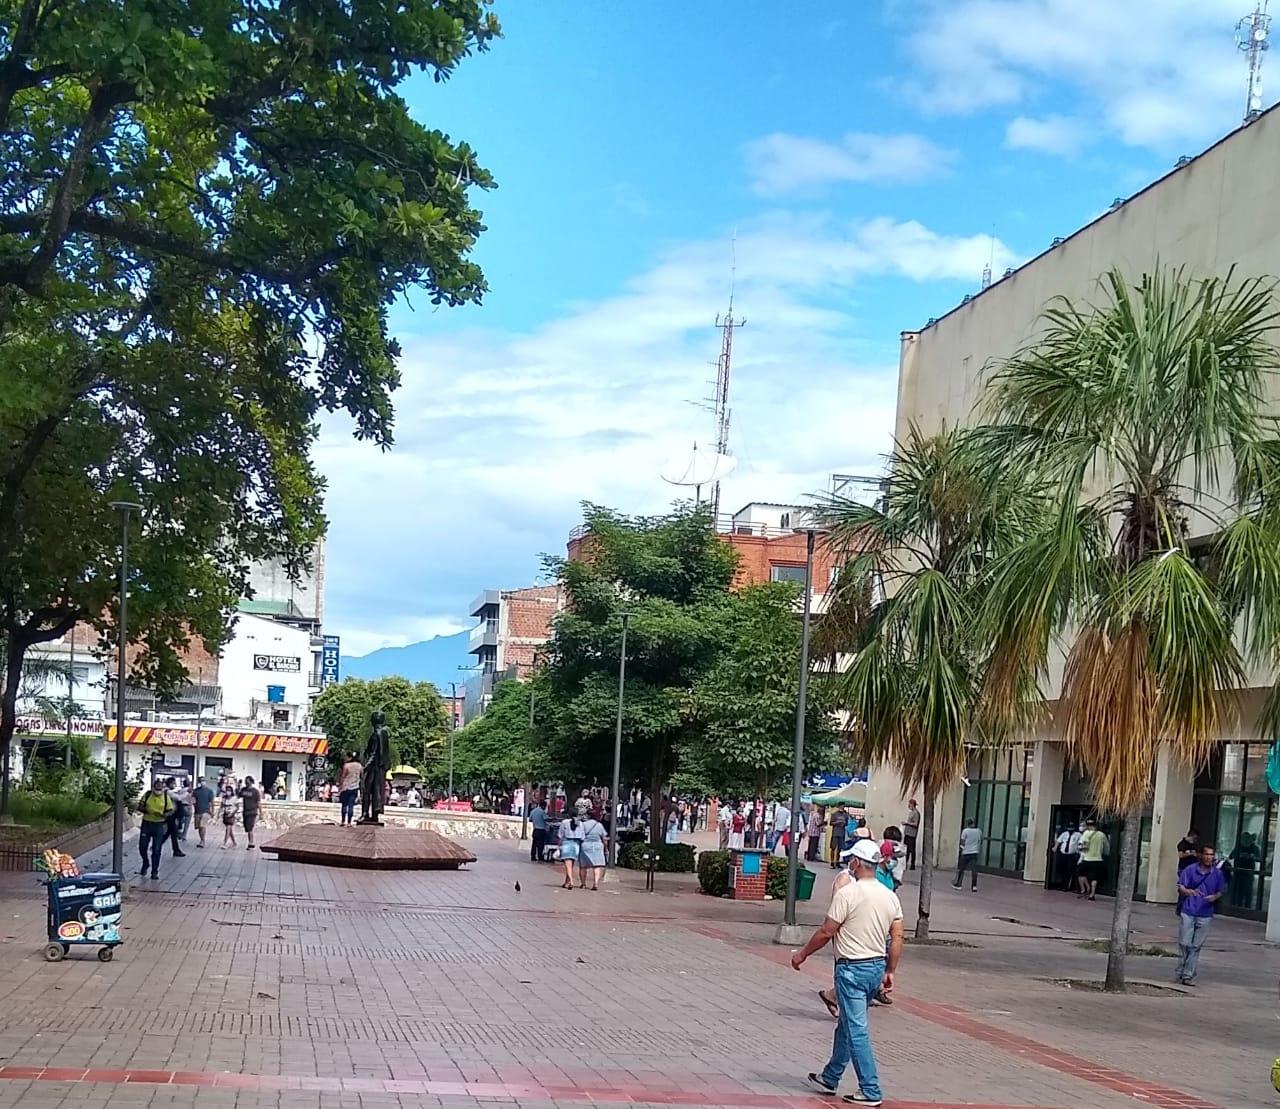 Usuarios habituales del parque Santander en Neiva piden más atención para el lugar